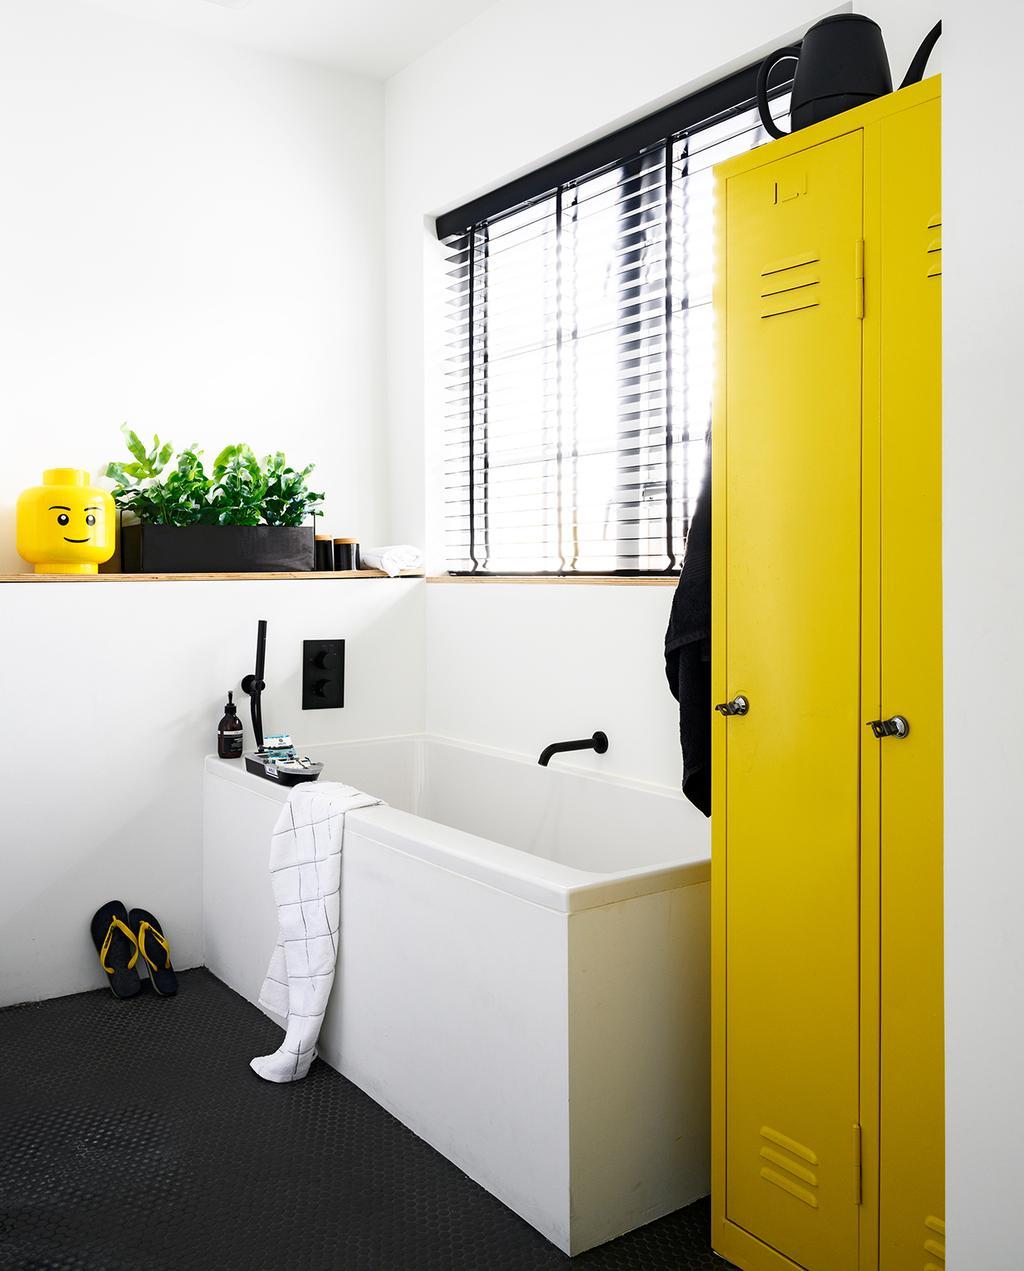 vtwonen 05-2020 | riant familiehuis Breda kinderbadkamer met ligbad en gele kleuraccenten